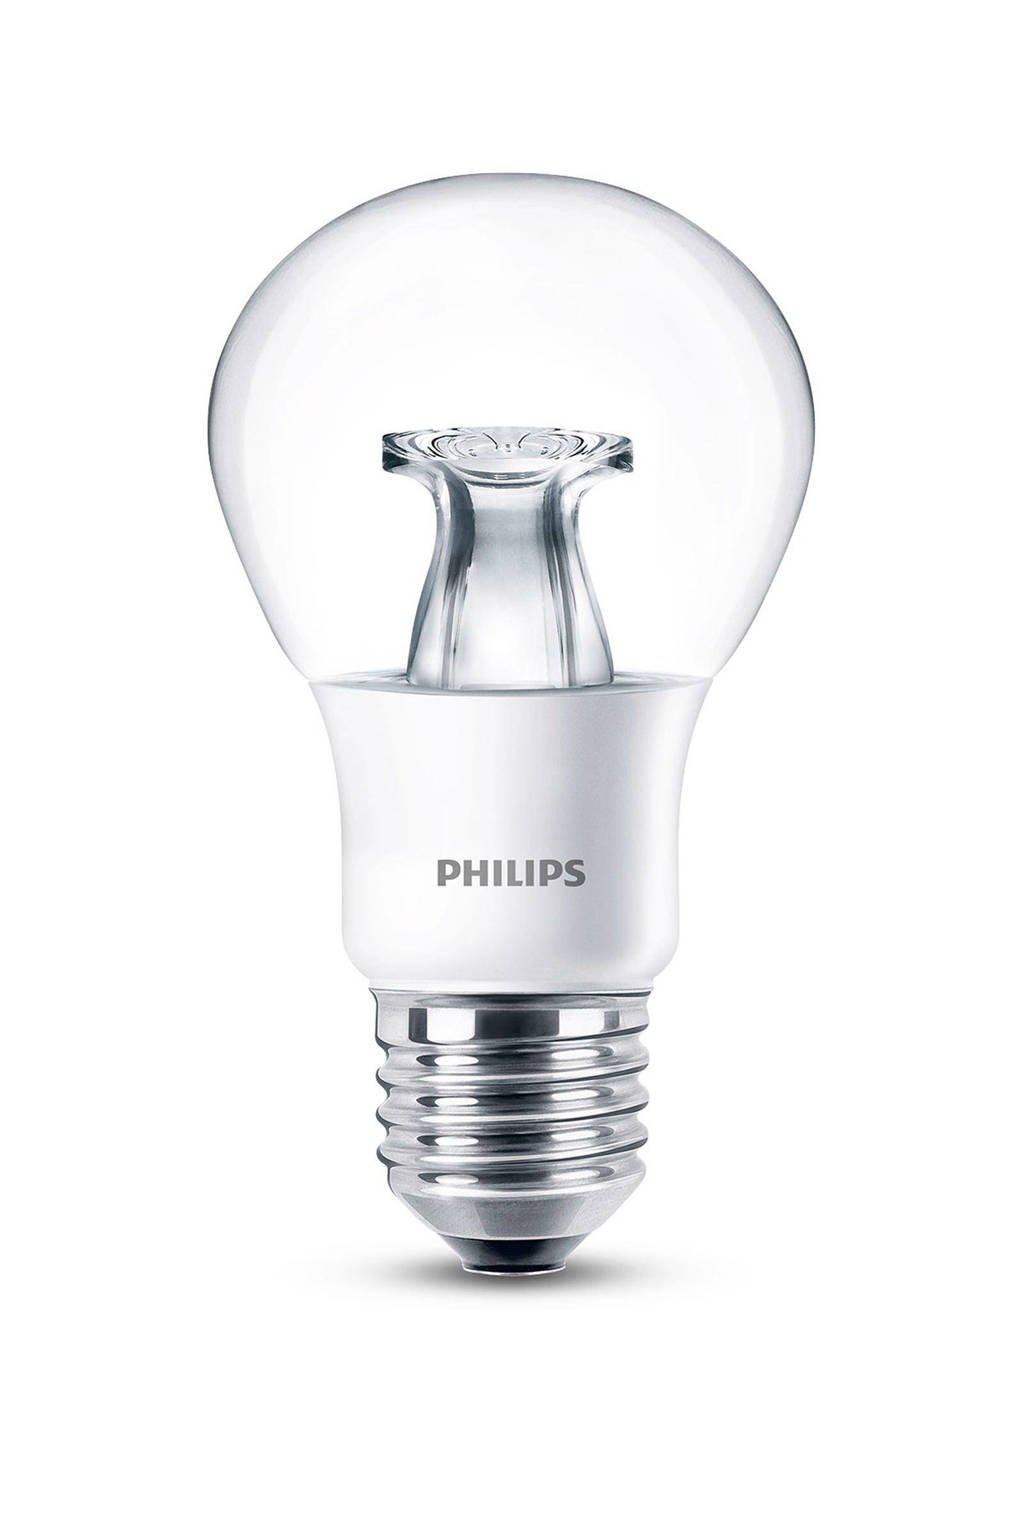 Philips dimbare LED lamp (40W E27)